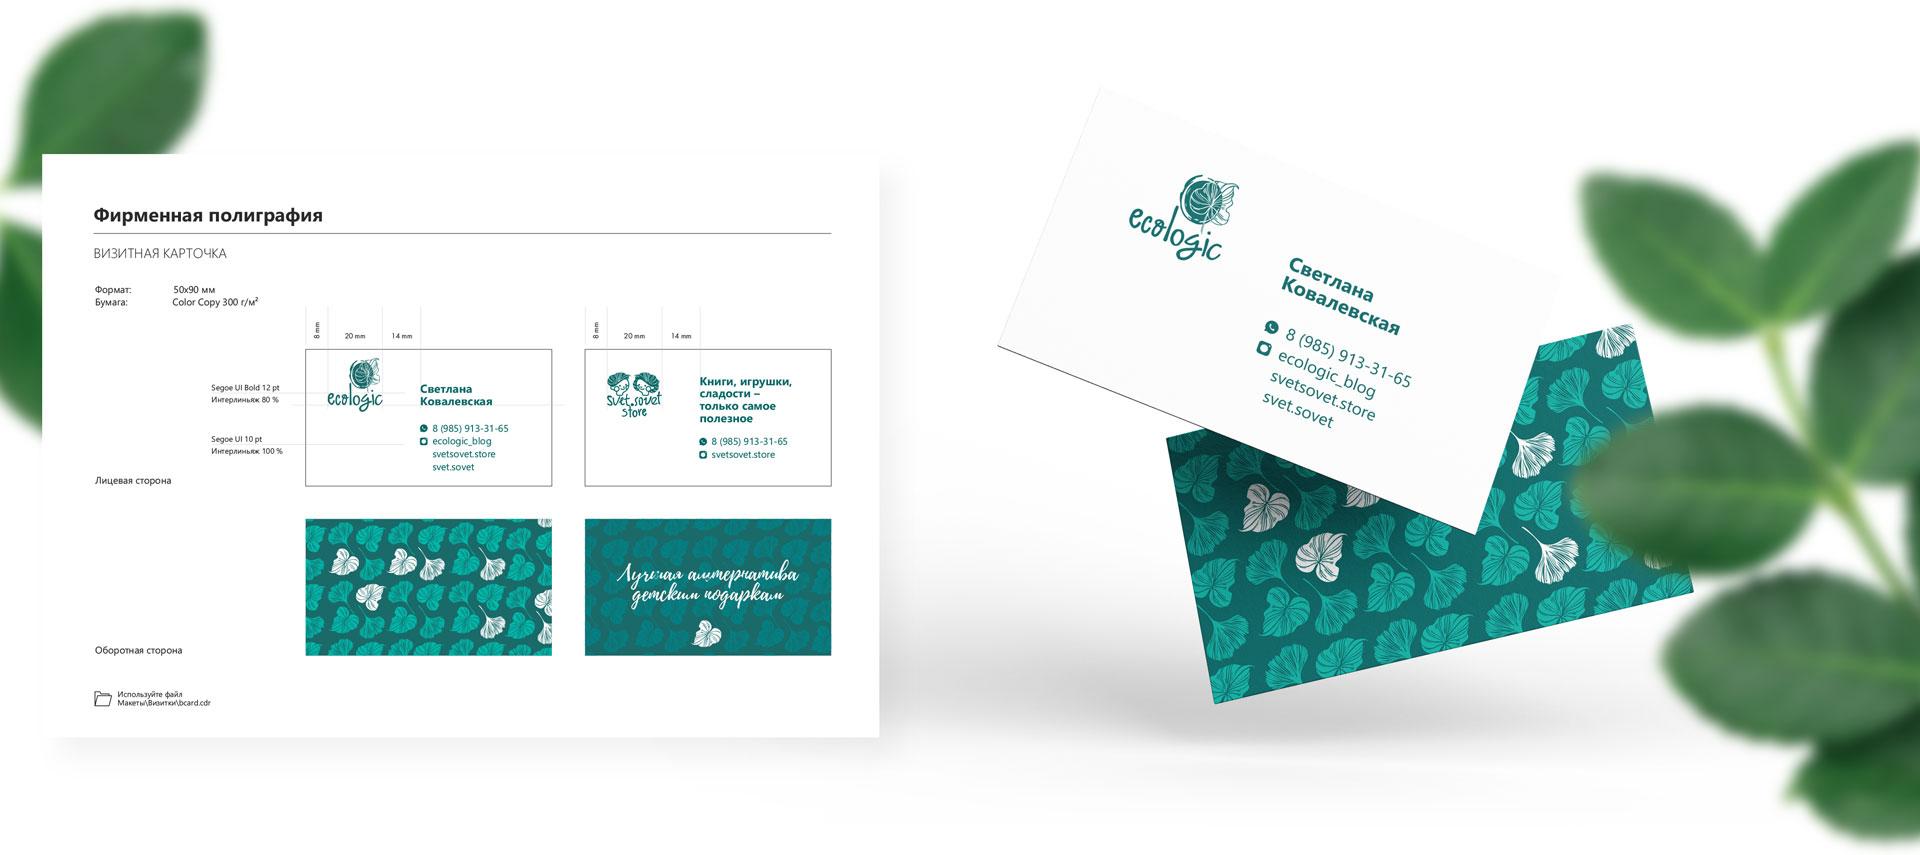 создание логотипа и фирменного стиля для инстаграм блогера - дизайн визитки